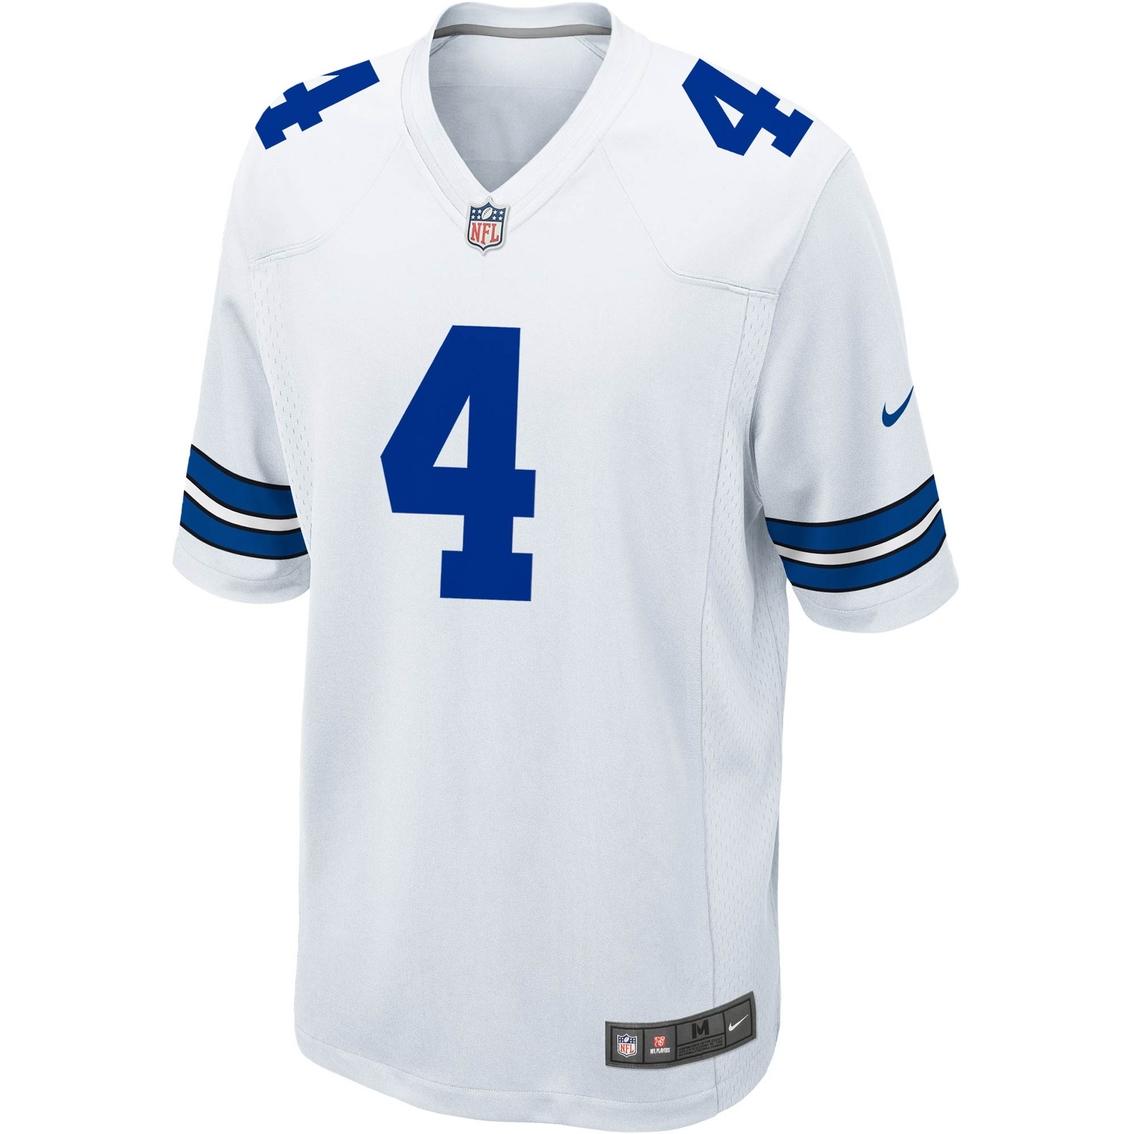 watch 07d64 cc0d2 Nike Nfl Dallas Cowboys Prescott Game Jersey, White ...